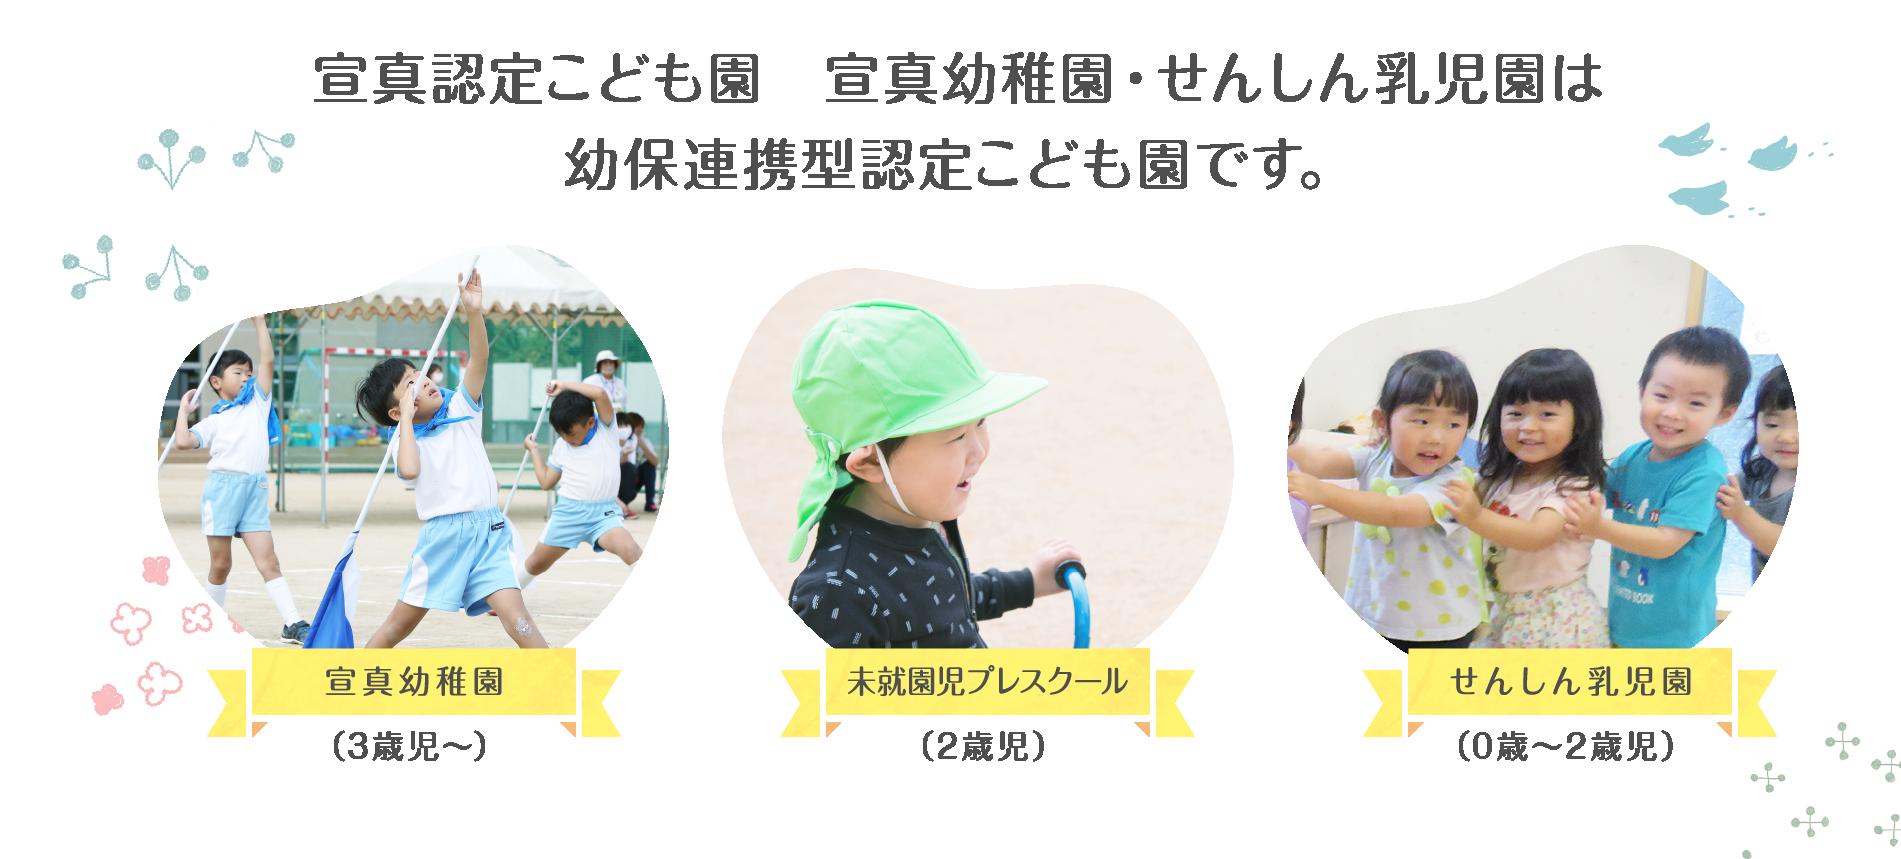 宣真認定こども園宣真幼稚園・せんしん保育園は幼保連携型認定こども園です。